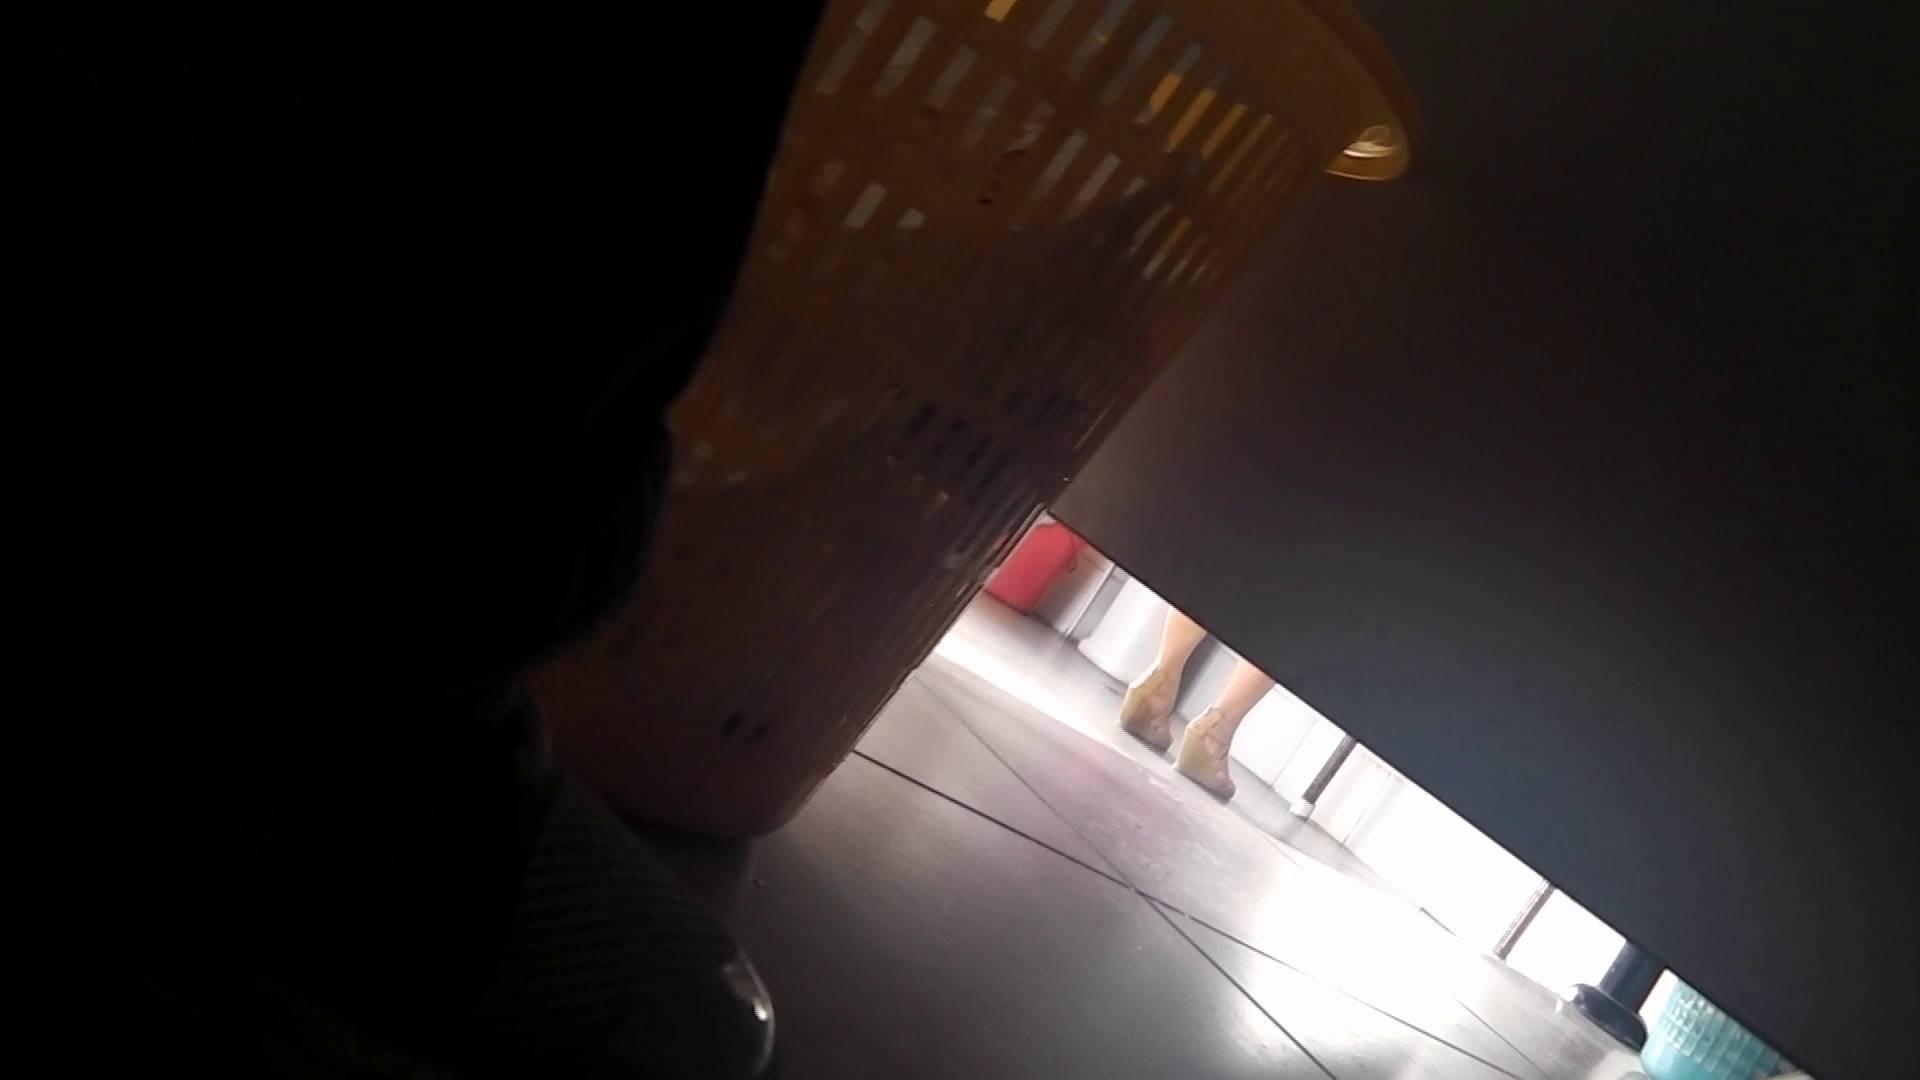 潜入!!台湾名門女学院 Vol.05 15センチ以上の濃厚糸を垂らしながら爽快 潜入 エロ画像 82PIX 39